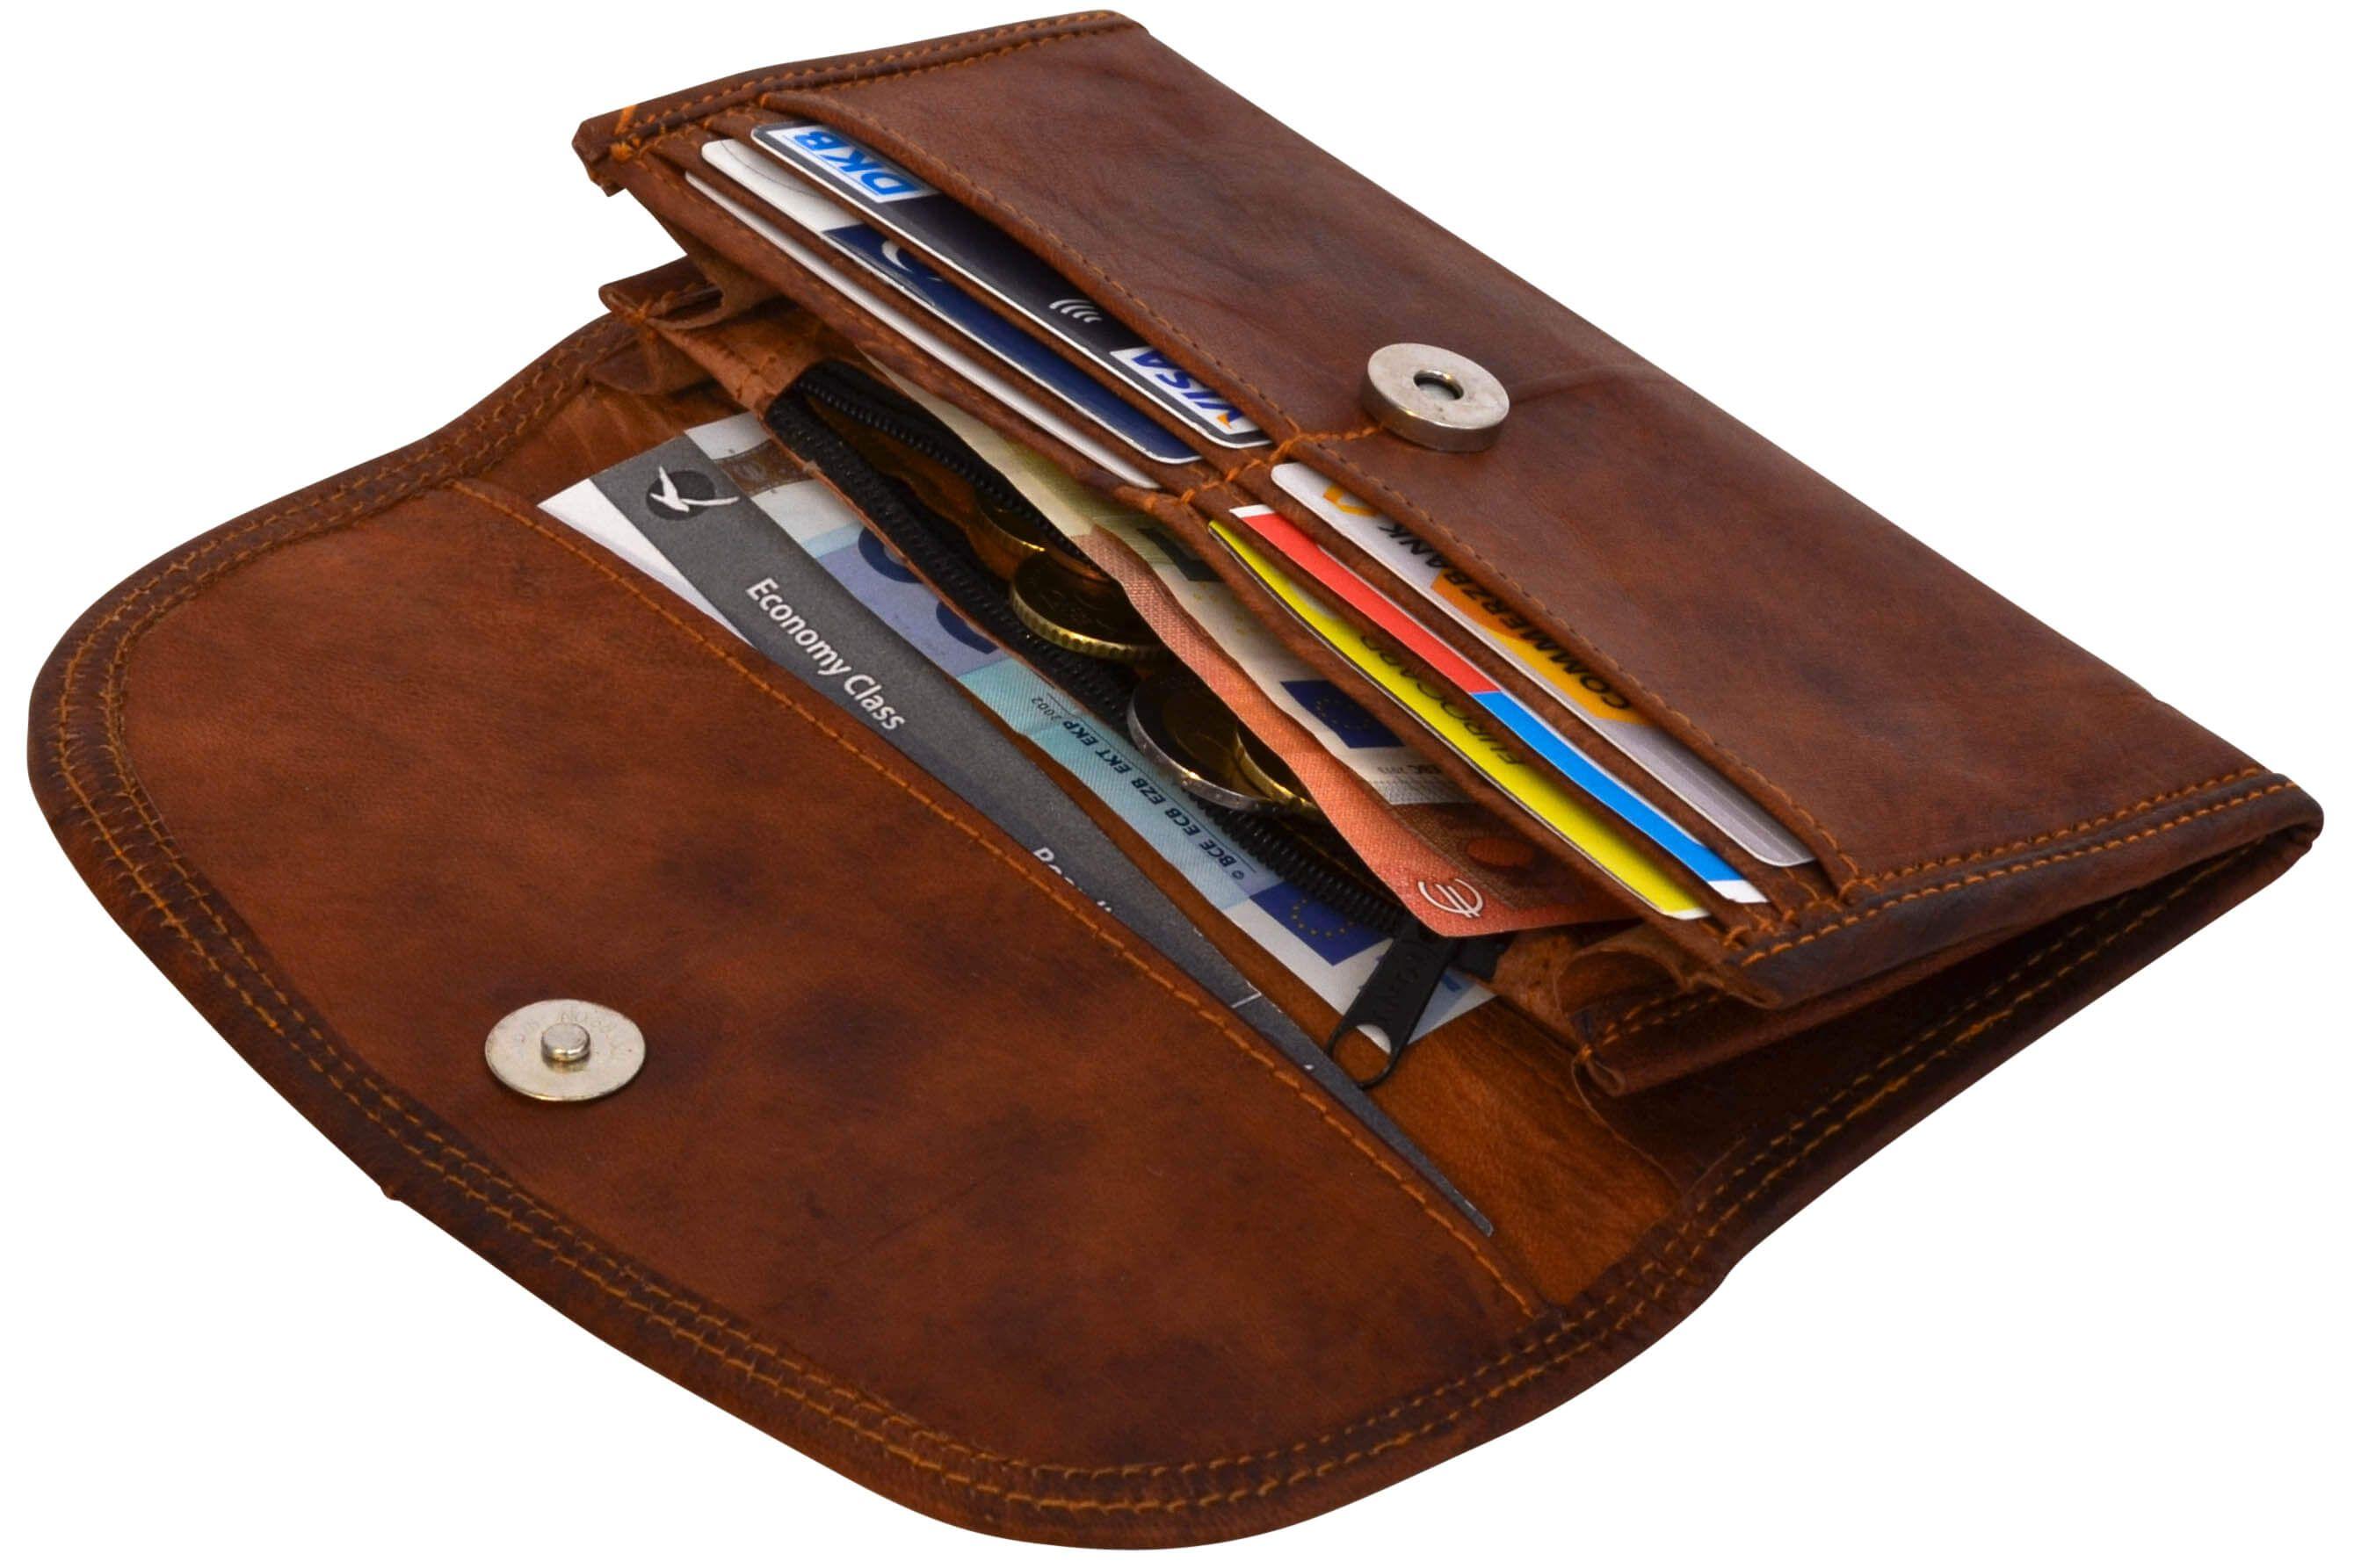 """Endlich ein Portemonnaie, in das alles hinein passt! """"Emma"""" bietet für Klein- und Großgeld, für Treue- und Keditkarten und für den Ausweis Platz genug an, um alles sicher unterzubringen - Lederportemonnaie - Leder Geldbörse - Gusti Leder - A12"""